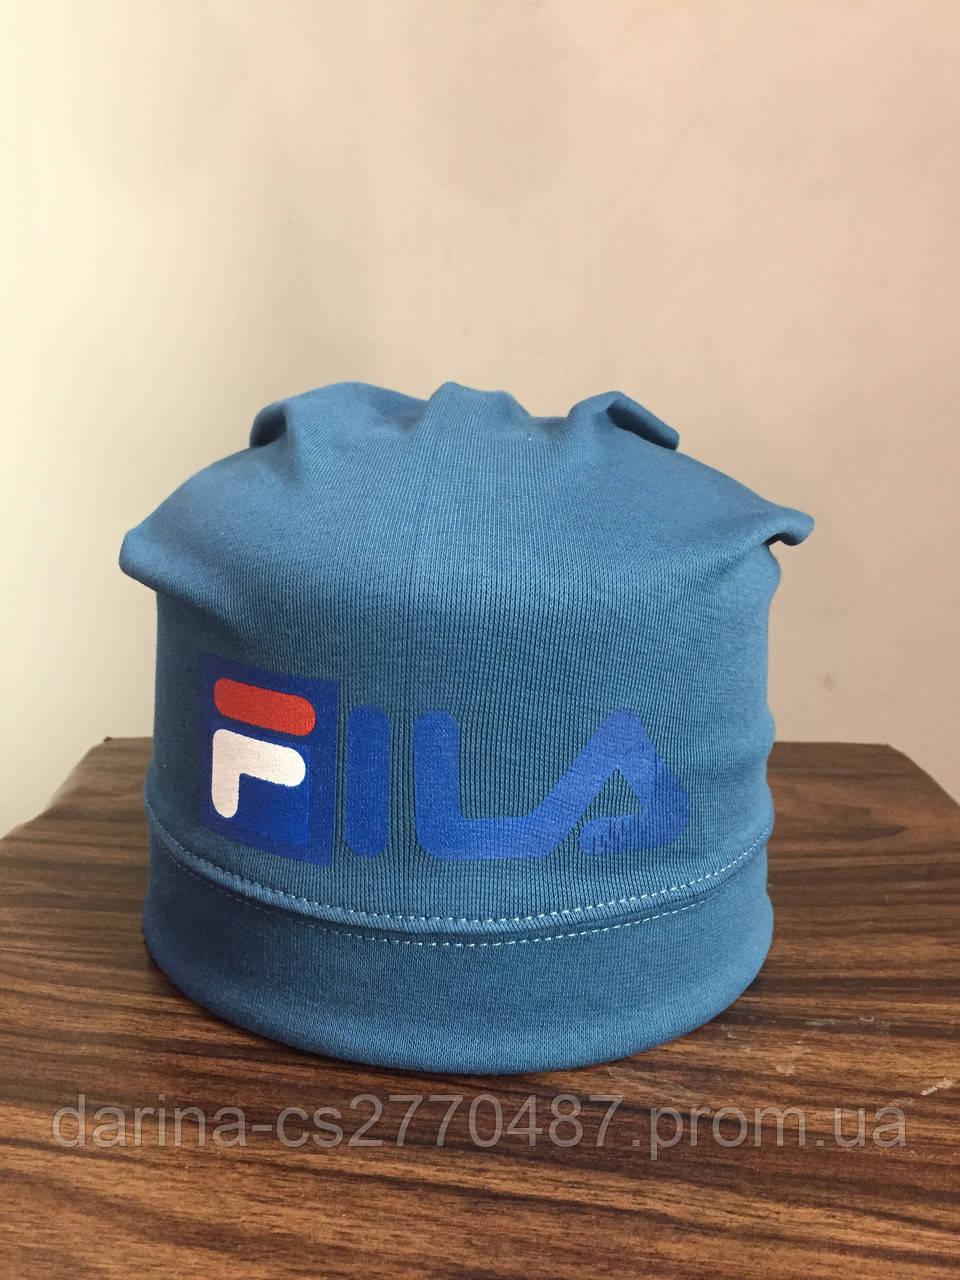 Детская трикотажная шапка с принтом для мальчика